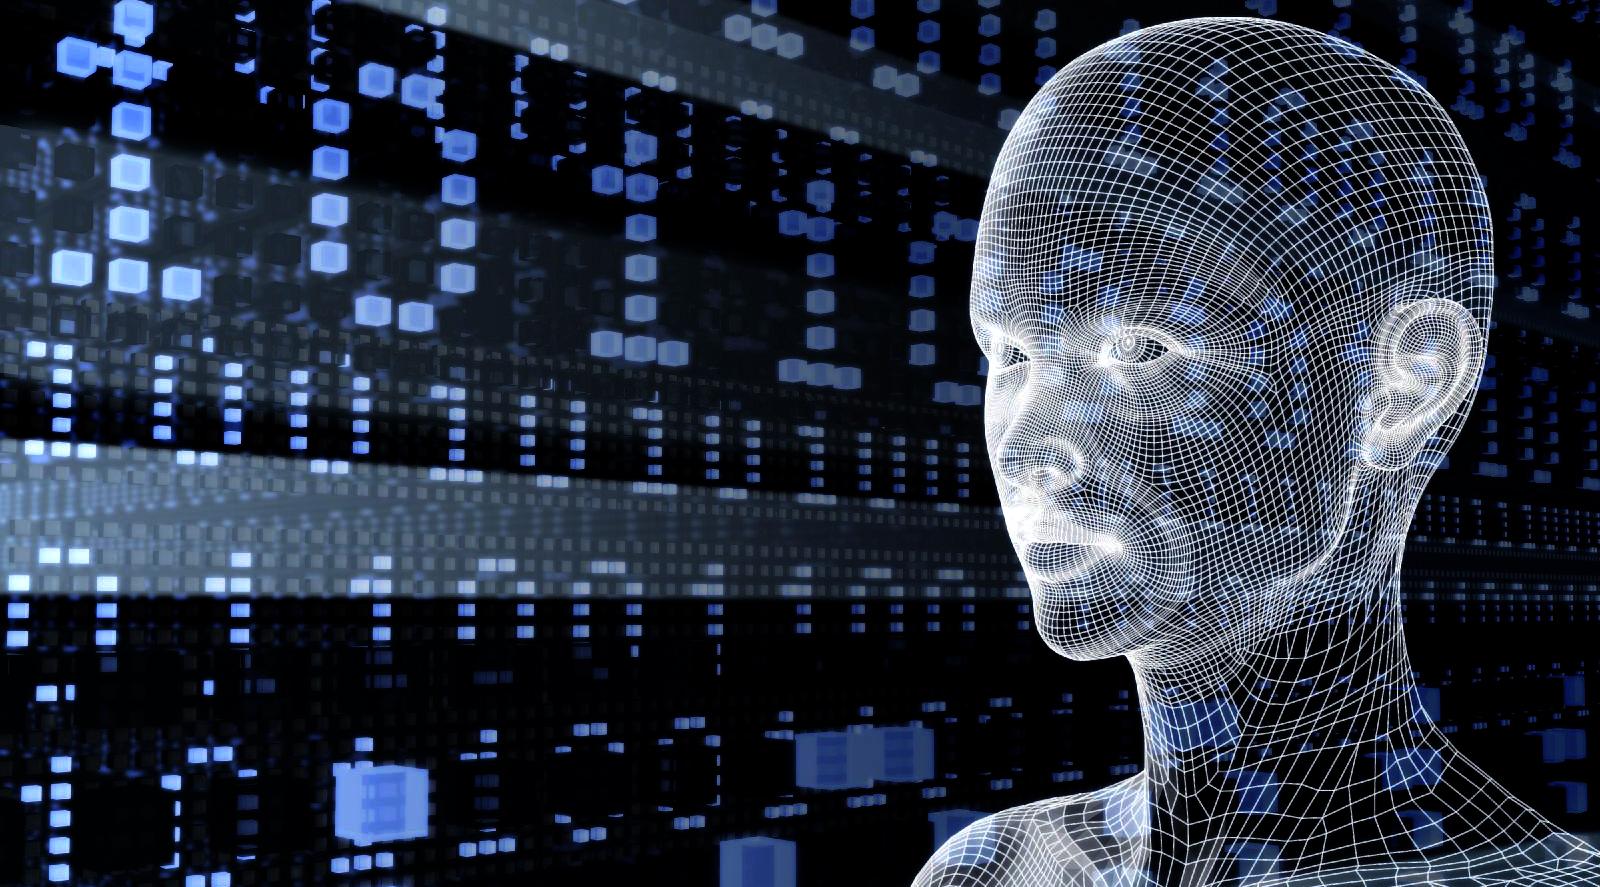 Come intelligenza artificiale AI puo trasformare le banche in societa FinTech - Come l'intelligenza artificiale AI può trasformare le banche in società FinTech